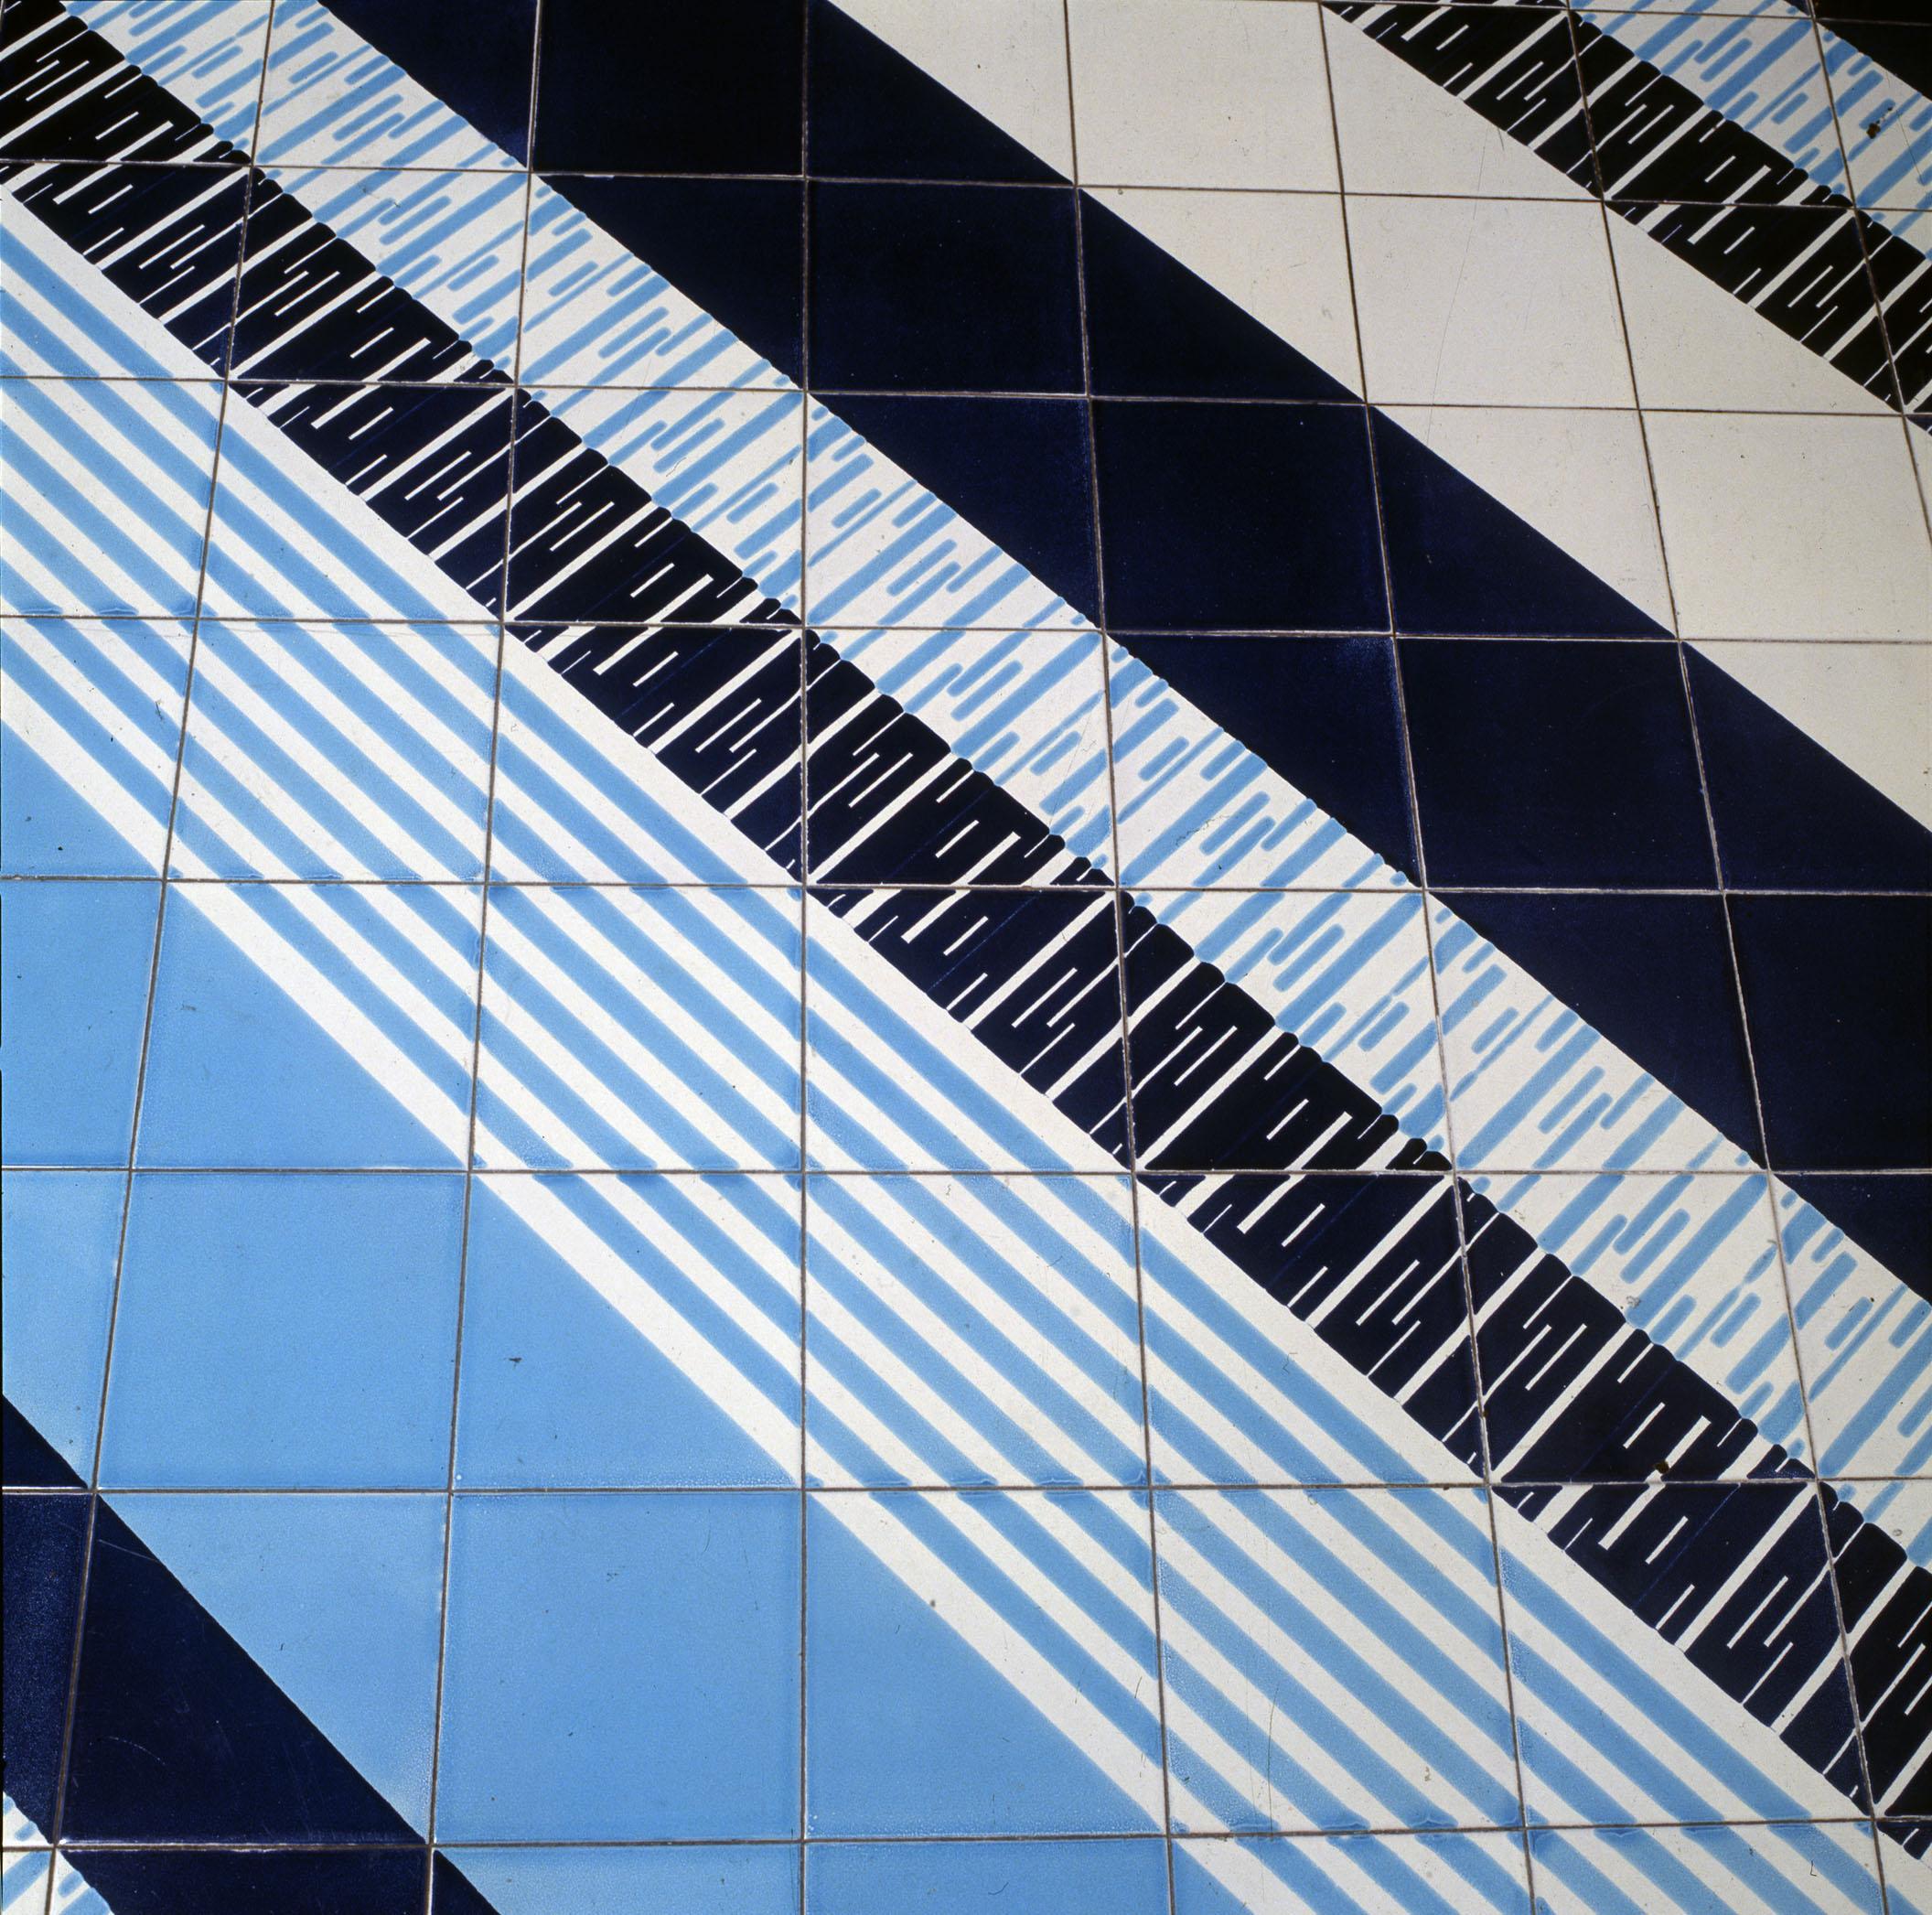 Gio ponti dipingere con le mattonelle oggetti - Gio ponti piastrelle ...